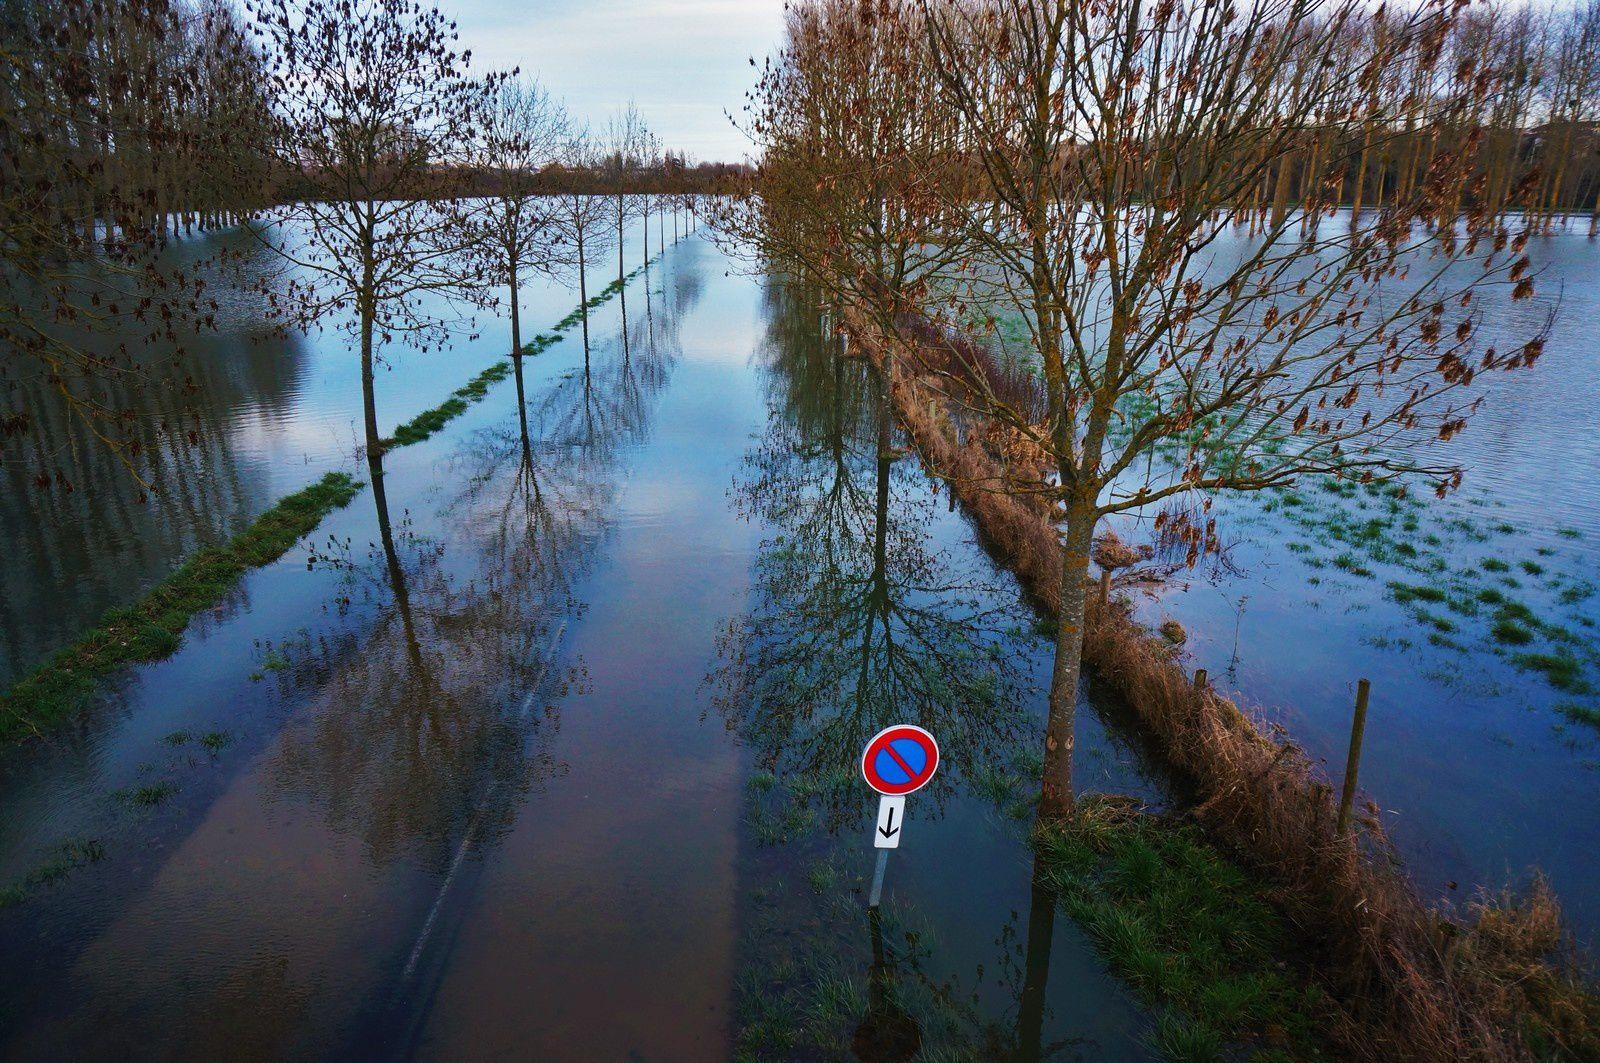 La route de Louvigny inondée. Photo aérienne François Monier 3 février 2014